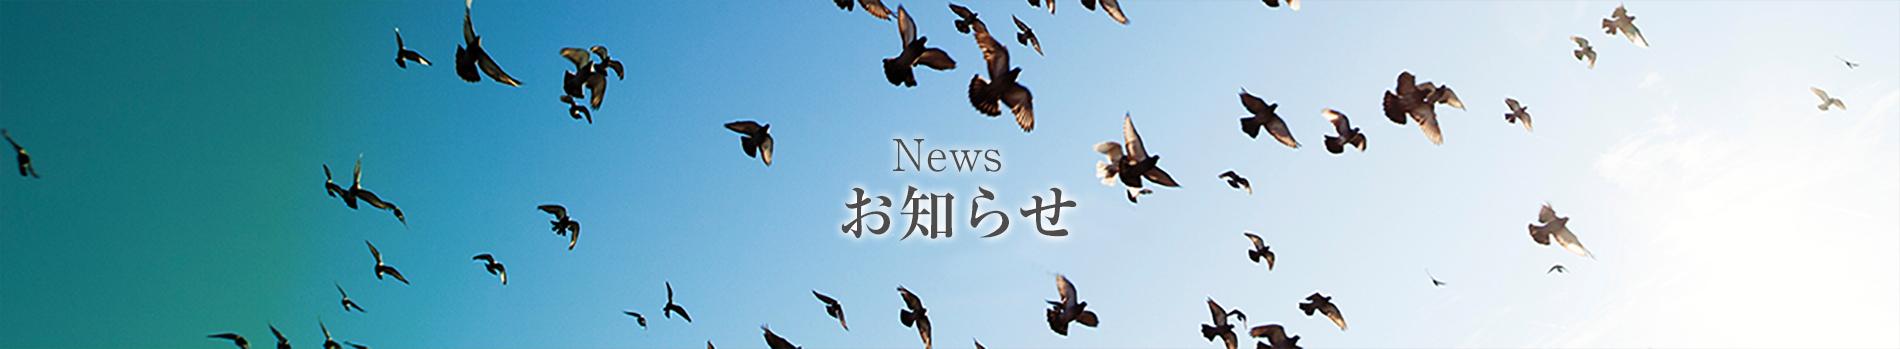 山田法律事務所 開設のお知らせ